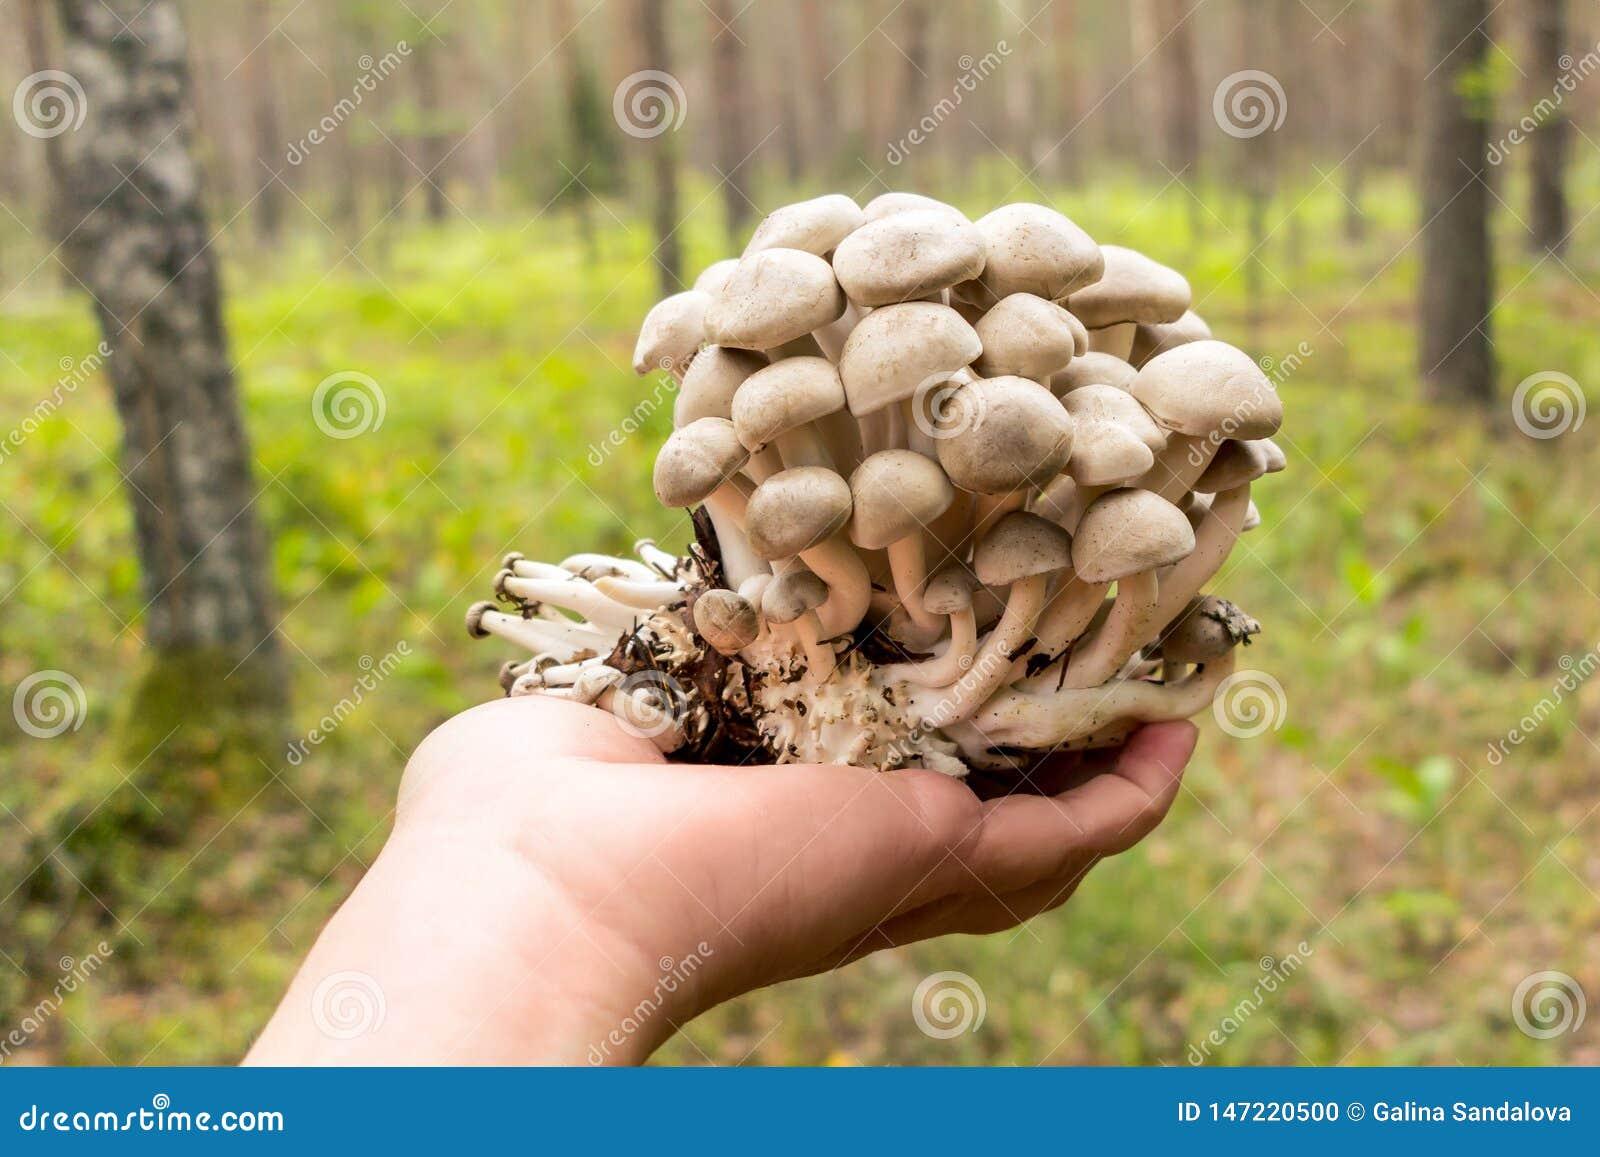 De vrouwelijke paddestoelen van Lyophyllum van de handholding decastes in de herfstbos